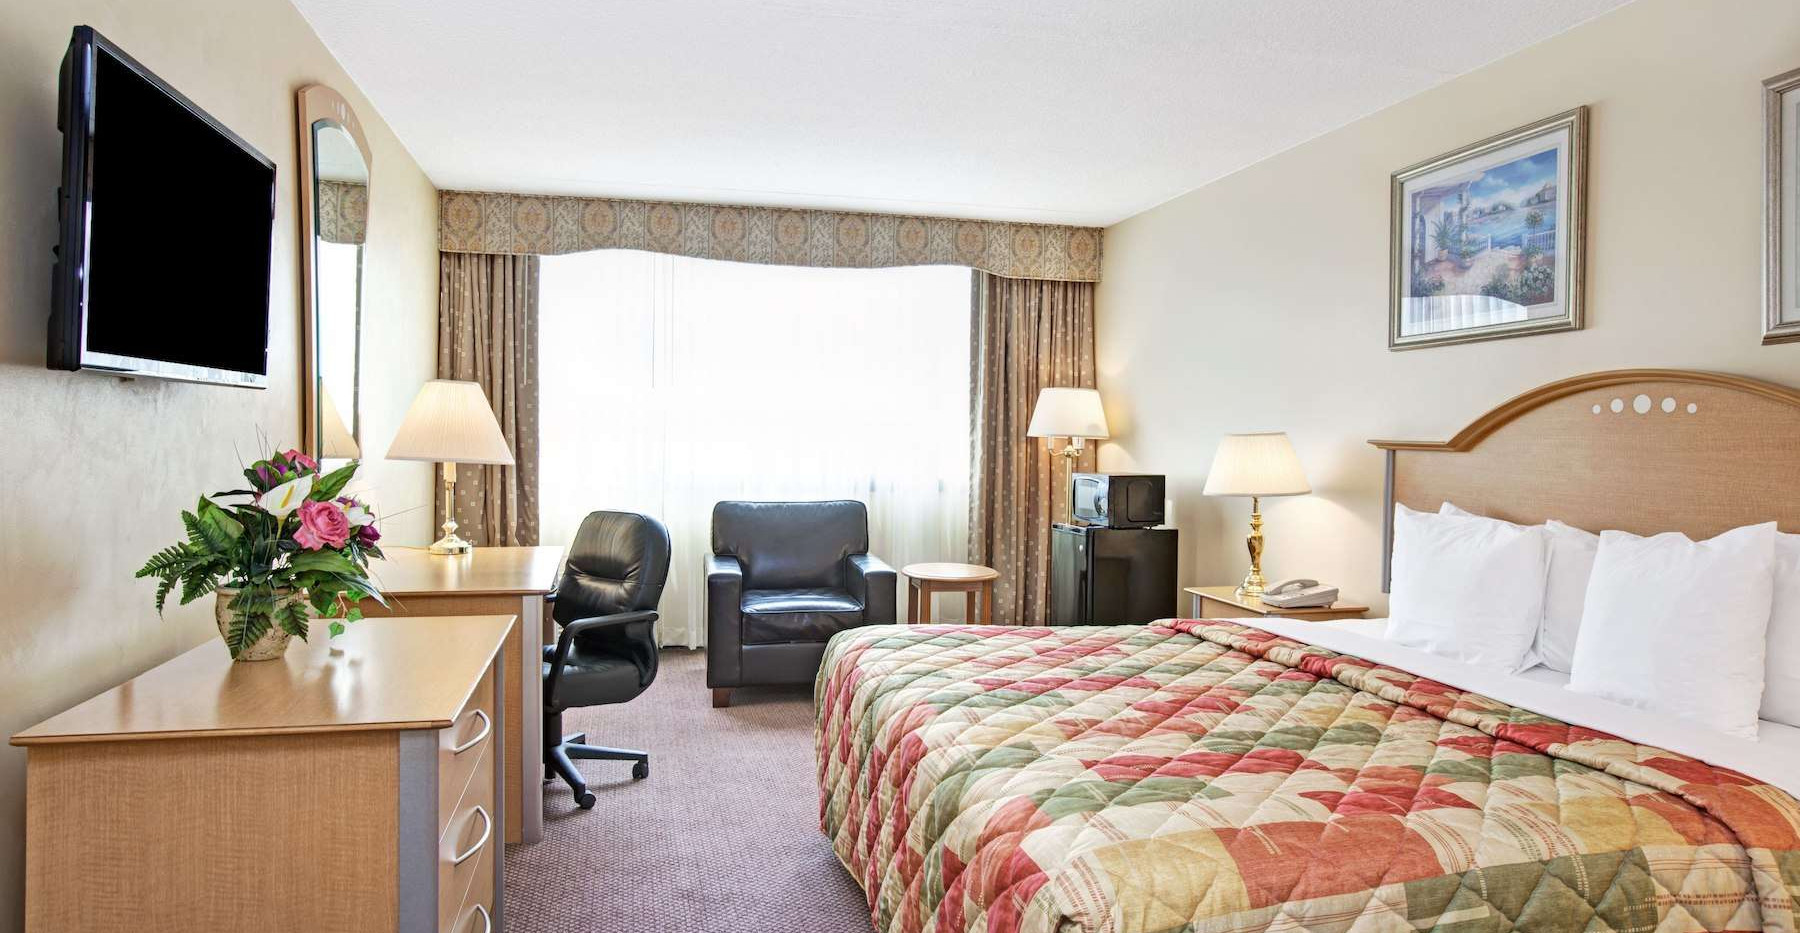 05450_guest_room_2.jpg